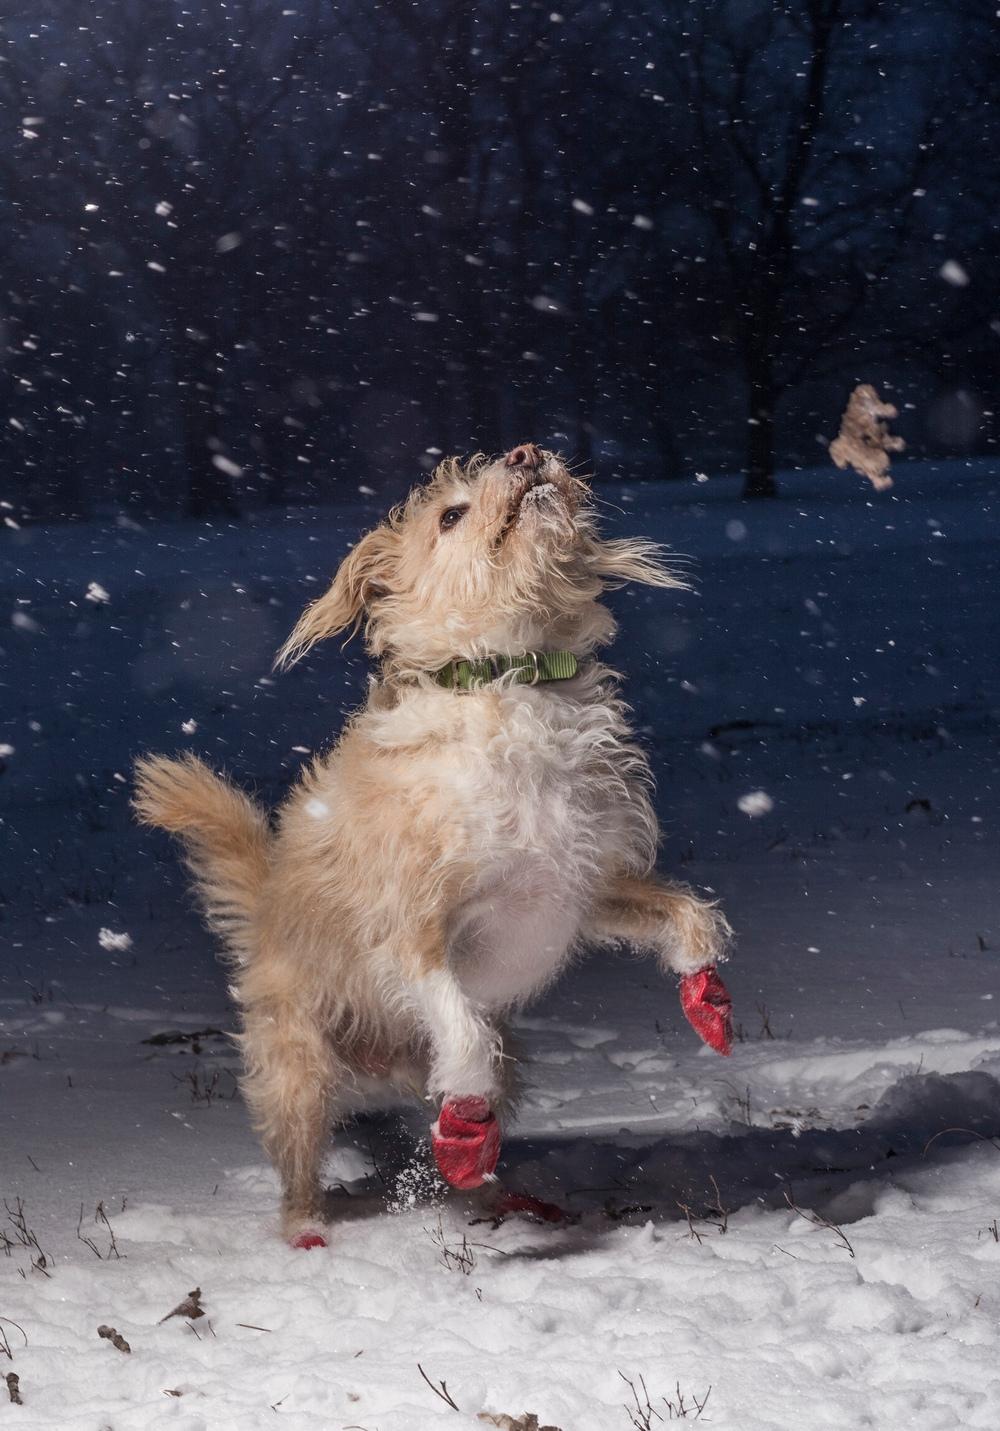 Снимок сделал 15-летний фотограф из Чикаго. Он запечатлел собаку по кличке Пиппин, которую его семья